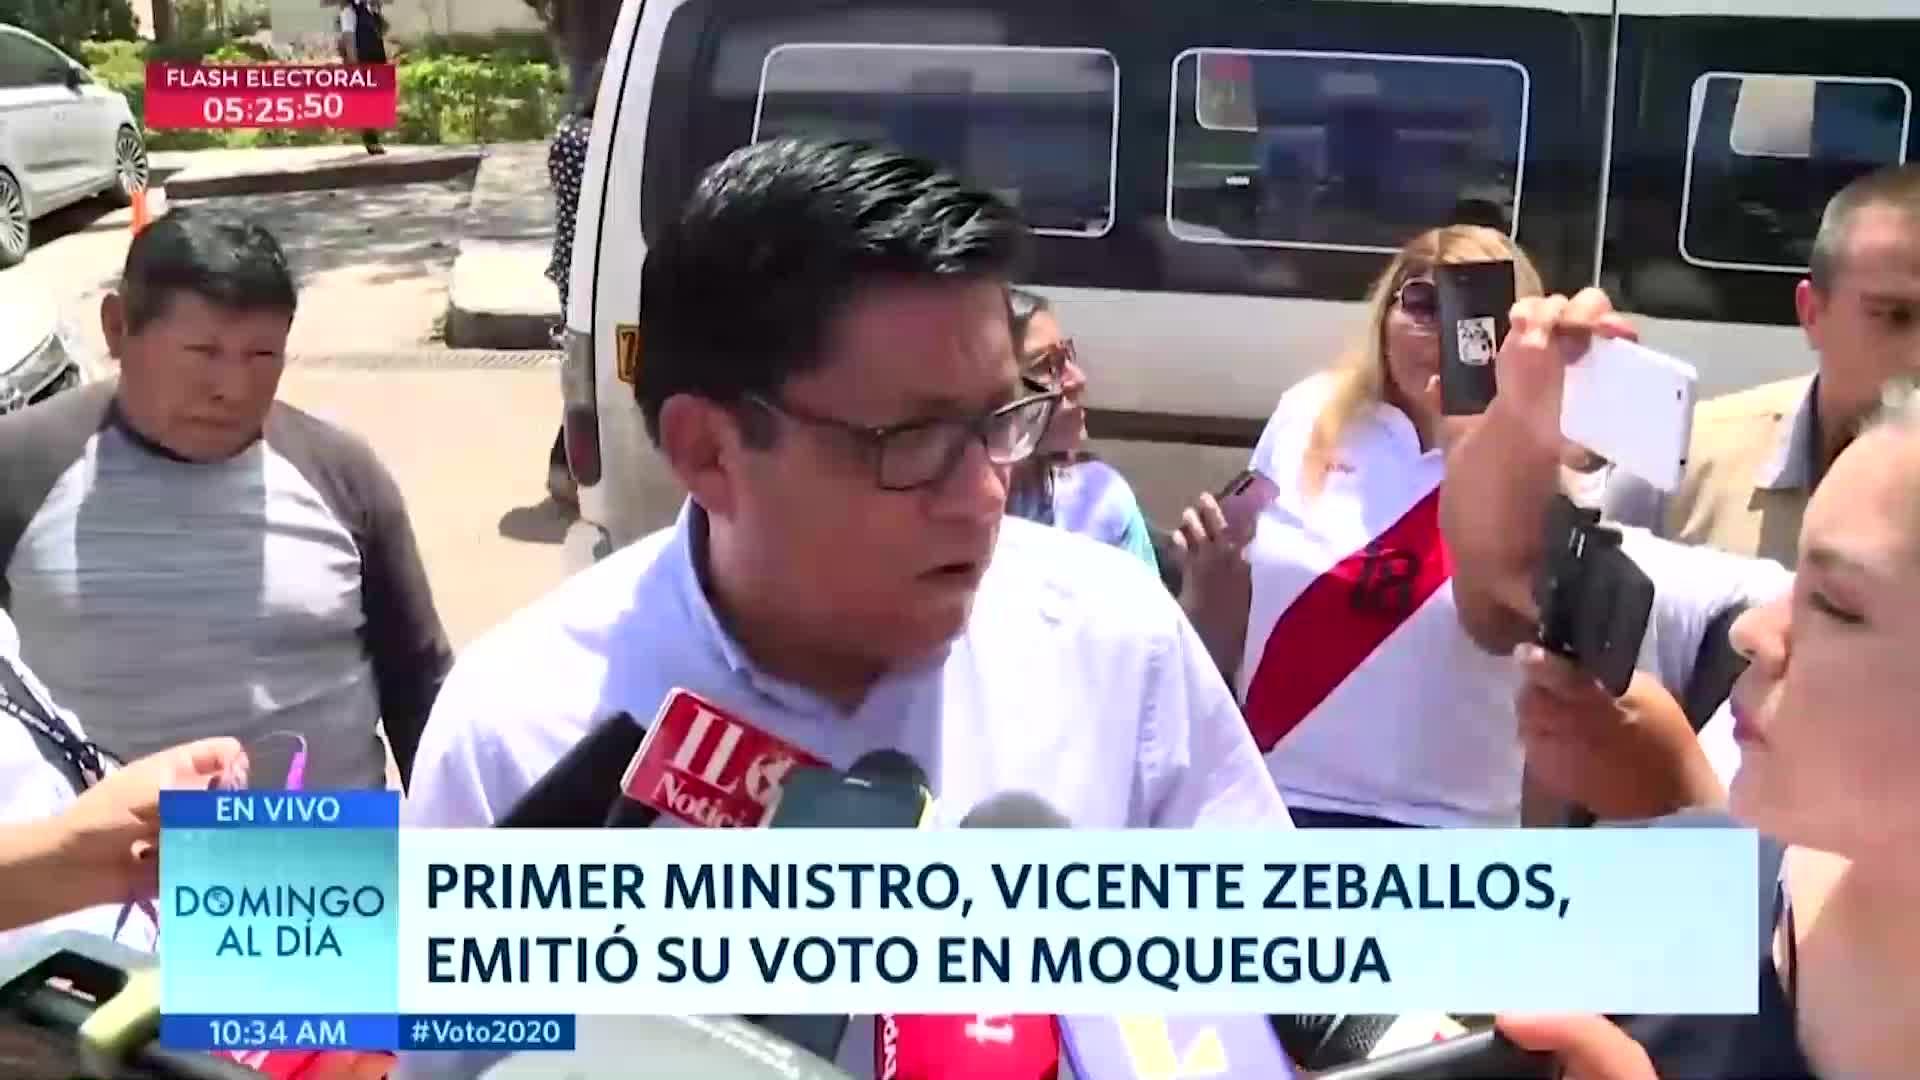 Elecciones 2020: premier Vicente Zeballos emitió su voto en Moquegua